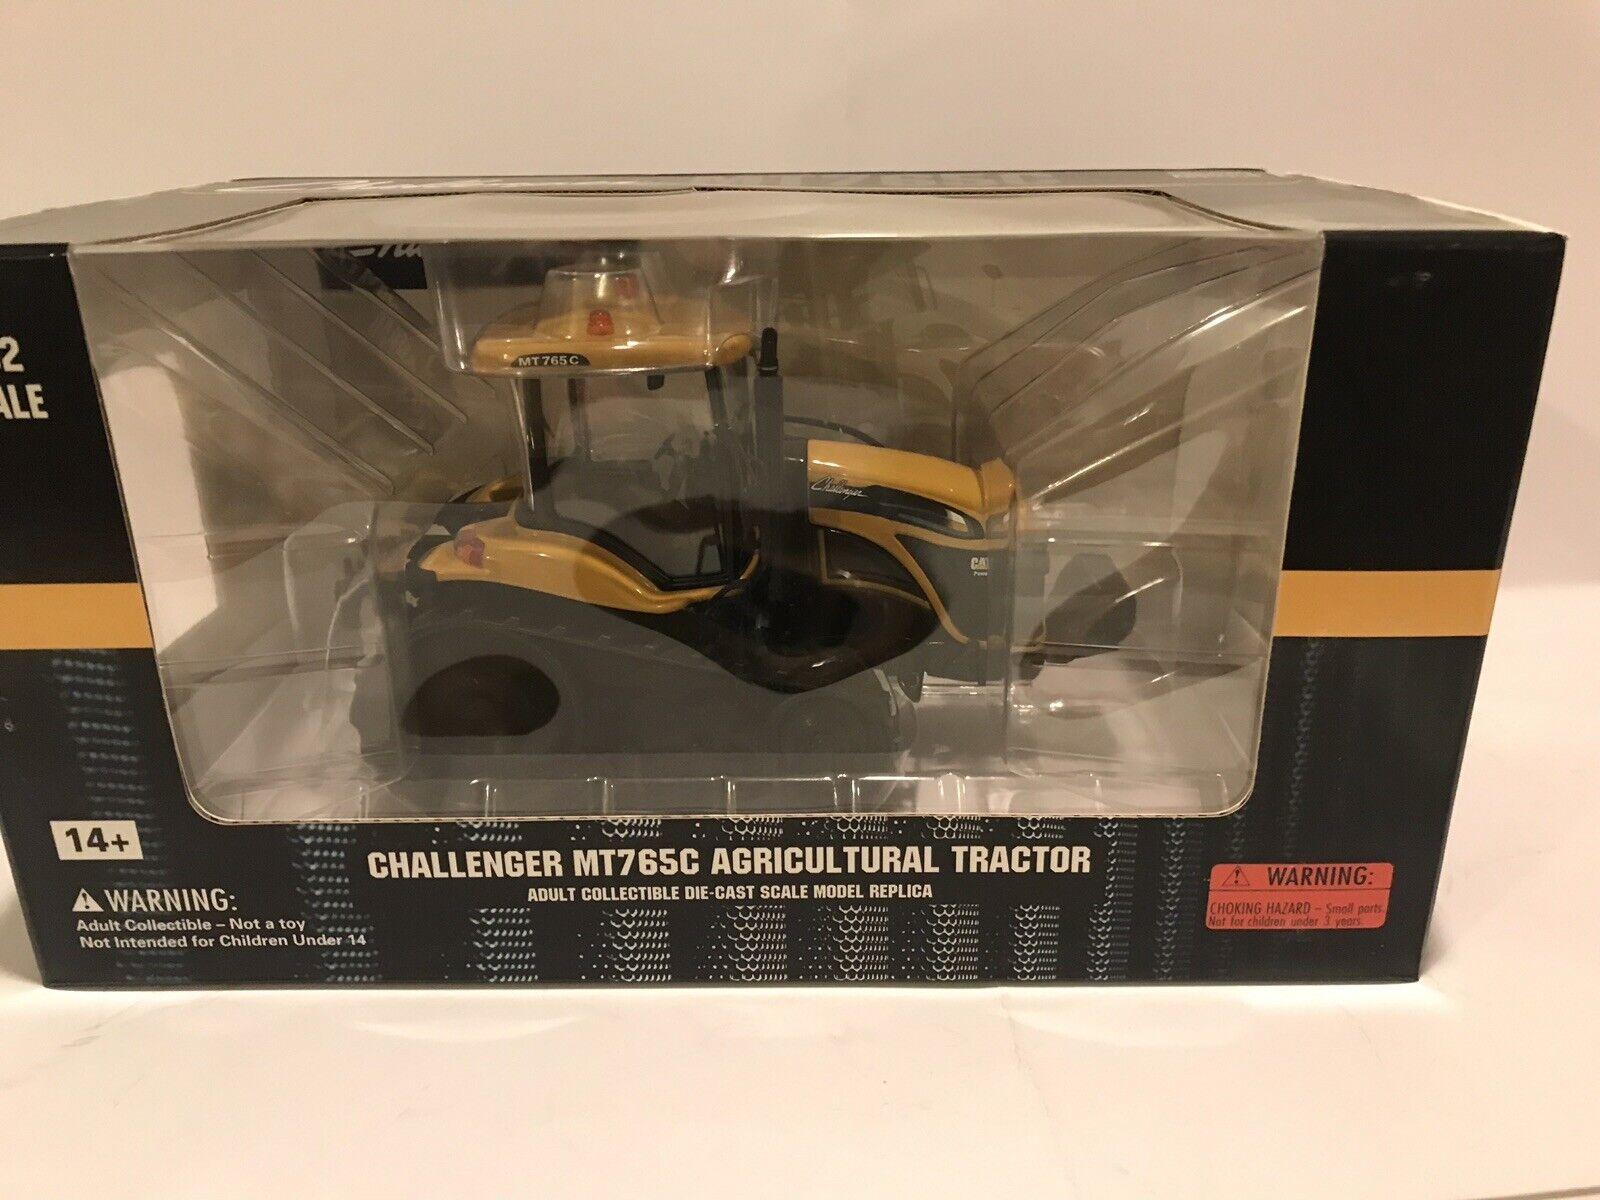 1 32 SCALE CATERPILLAR MT765 C CHALLENGER TRACTOR NORSCOT